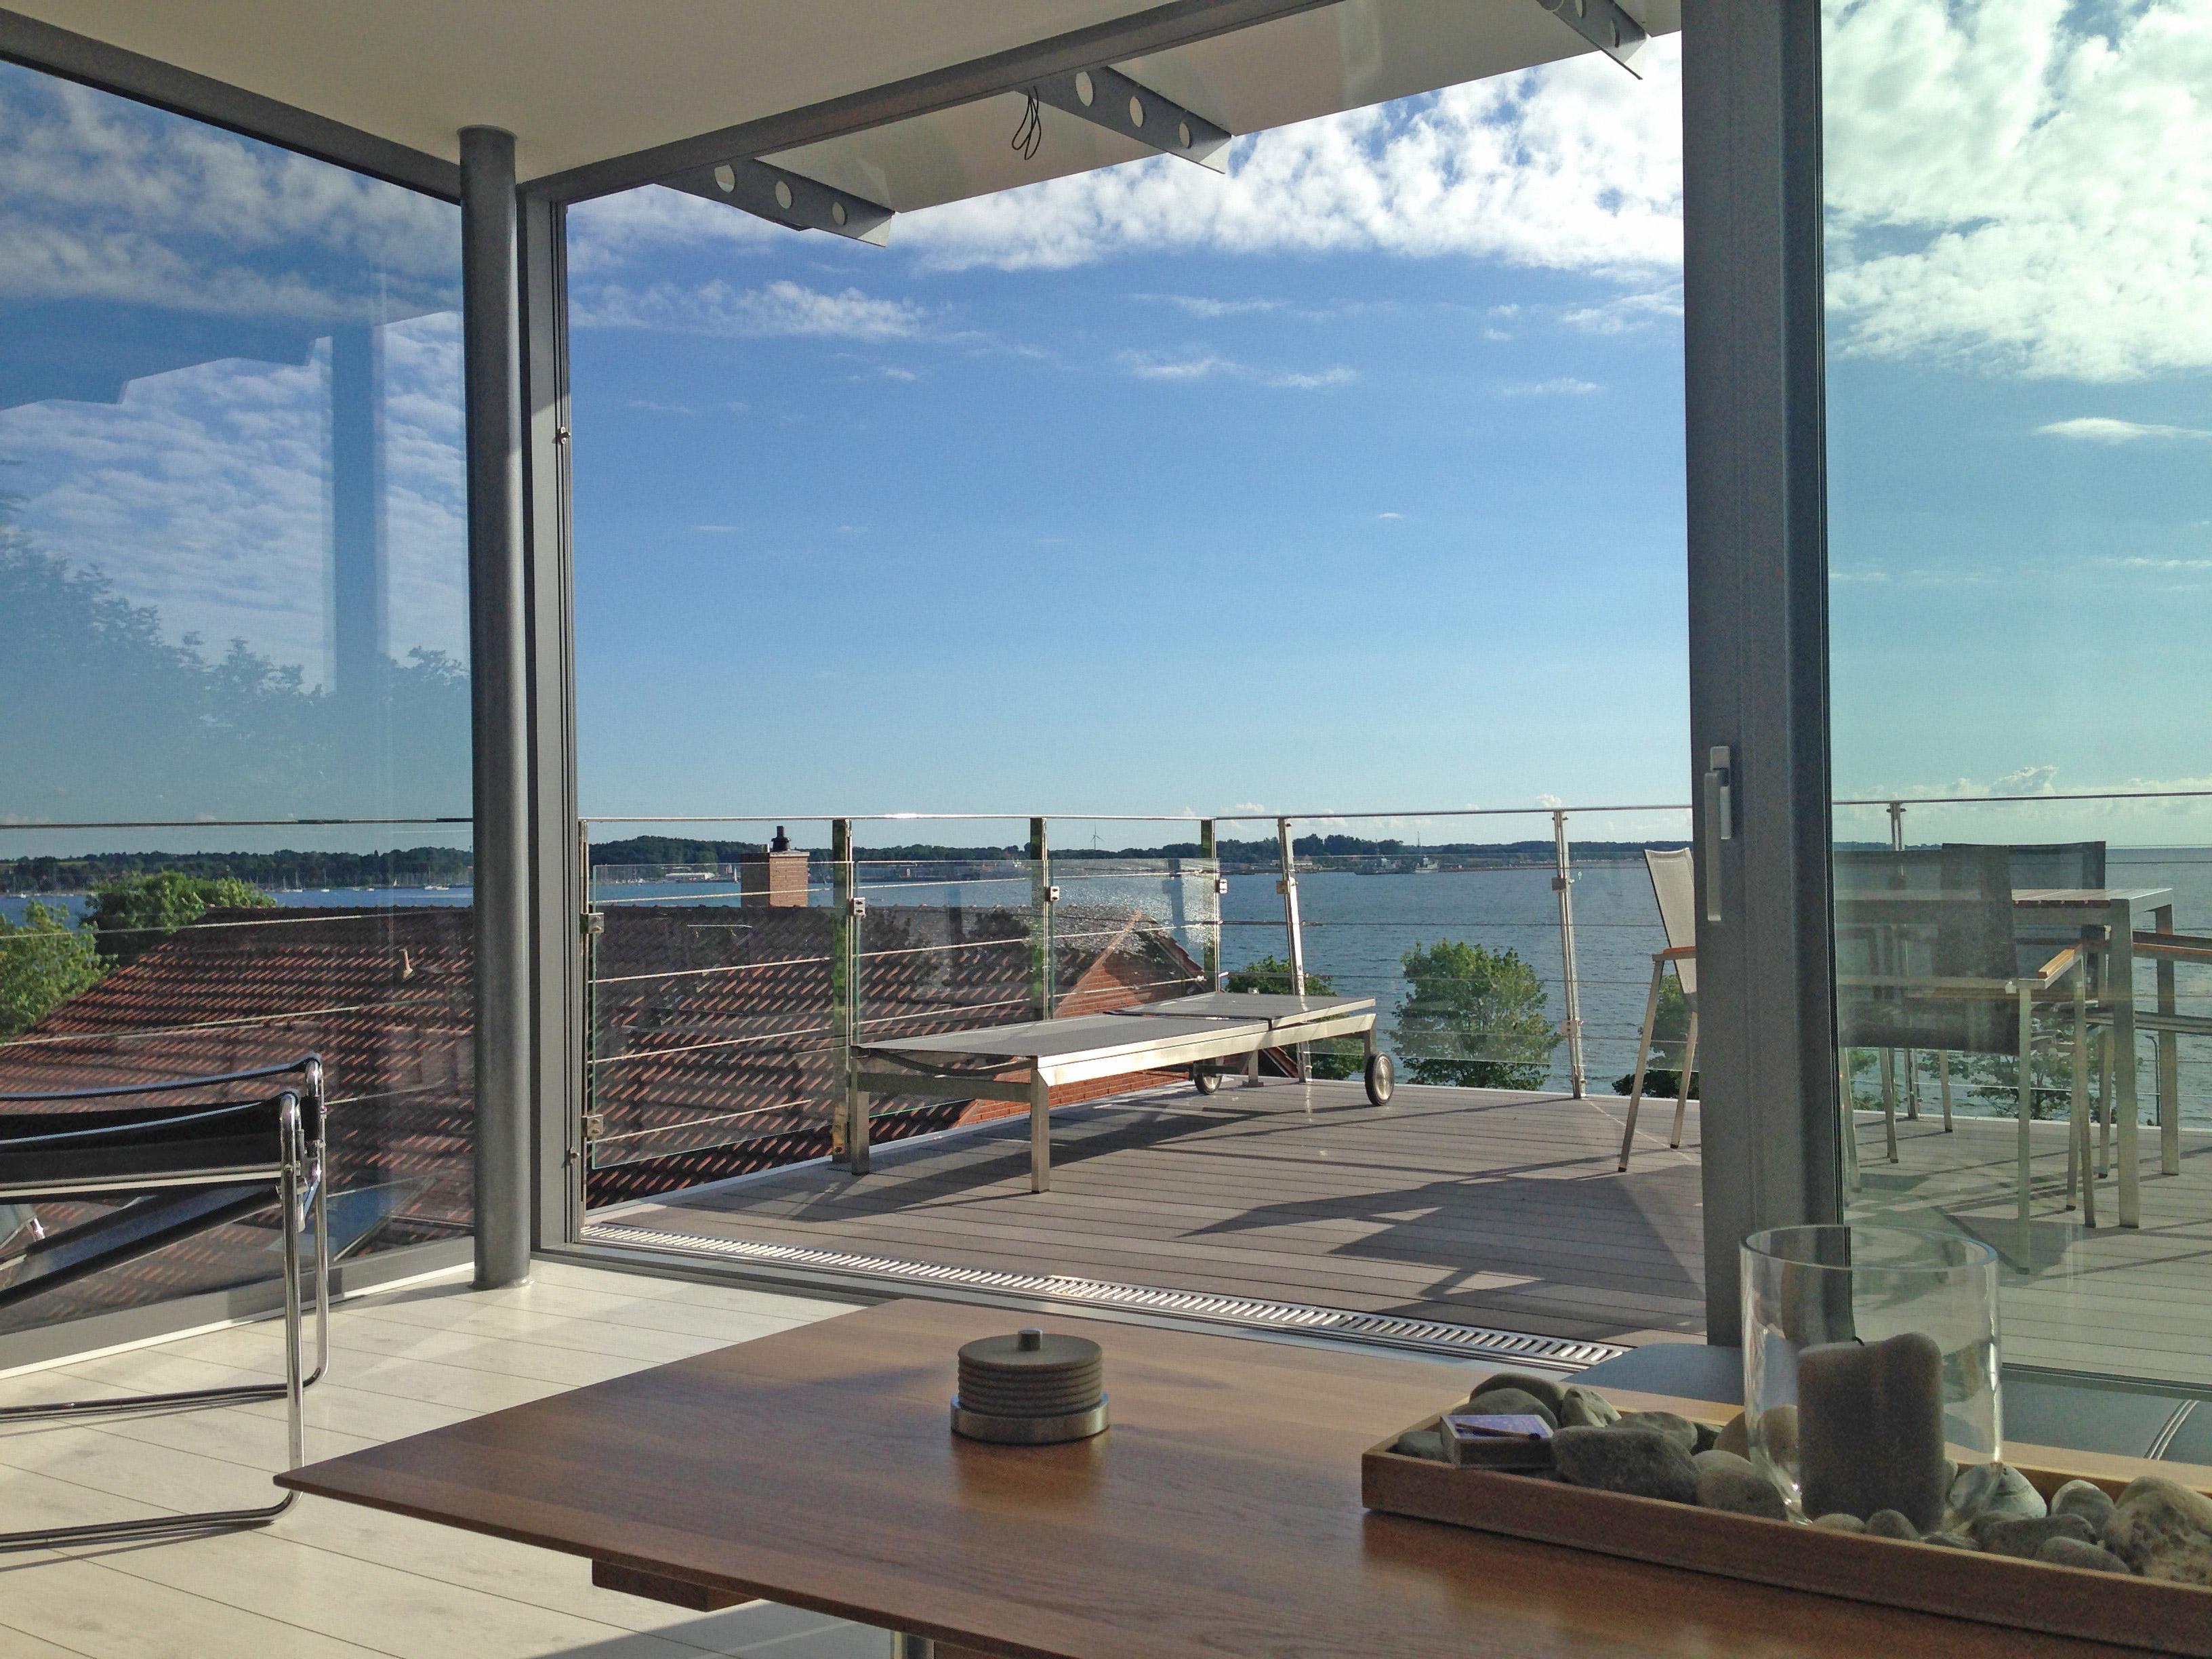 Ostsee urlaub mit aussicht triton suite eckernf rde - Fenster mit aussicht ...